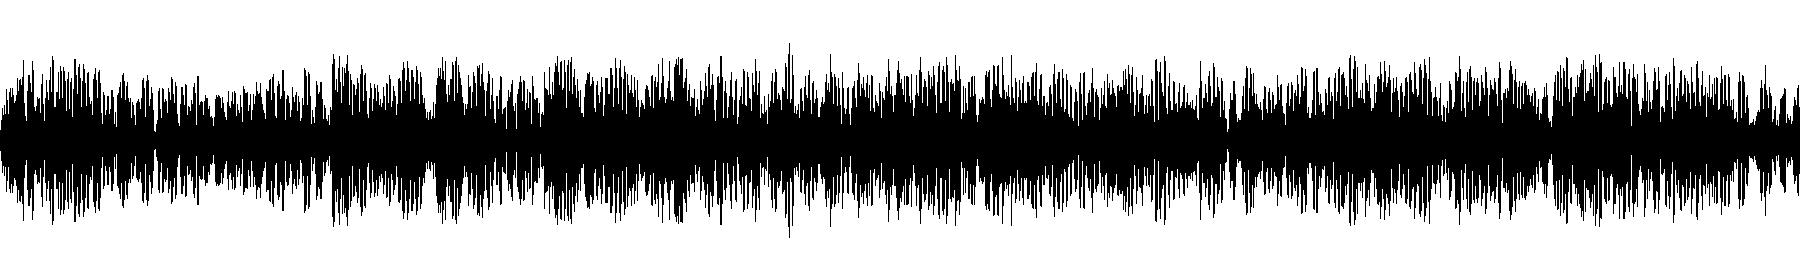 blbc cinedrums a fx 110 02